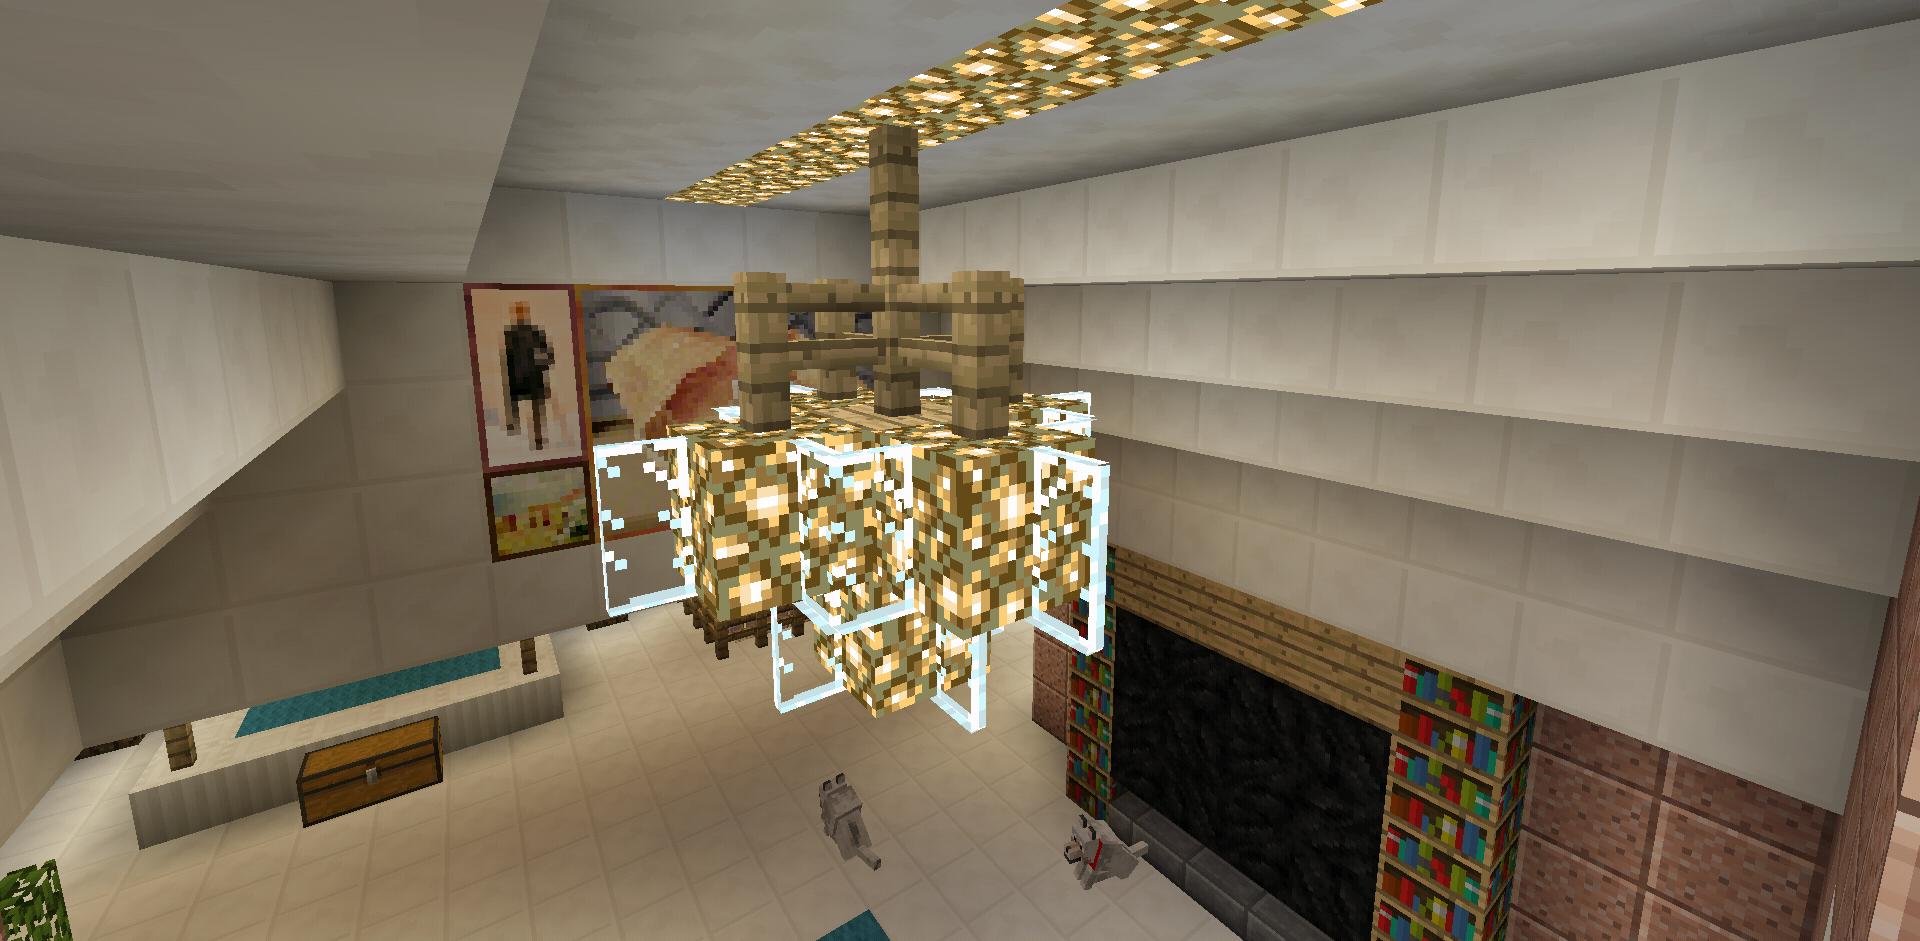 Minecraft Chandelier Lighting | MINECRAFT | Pinterest | Minecraft ...